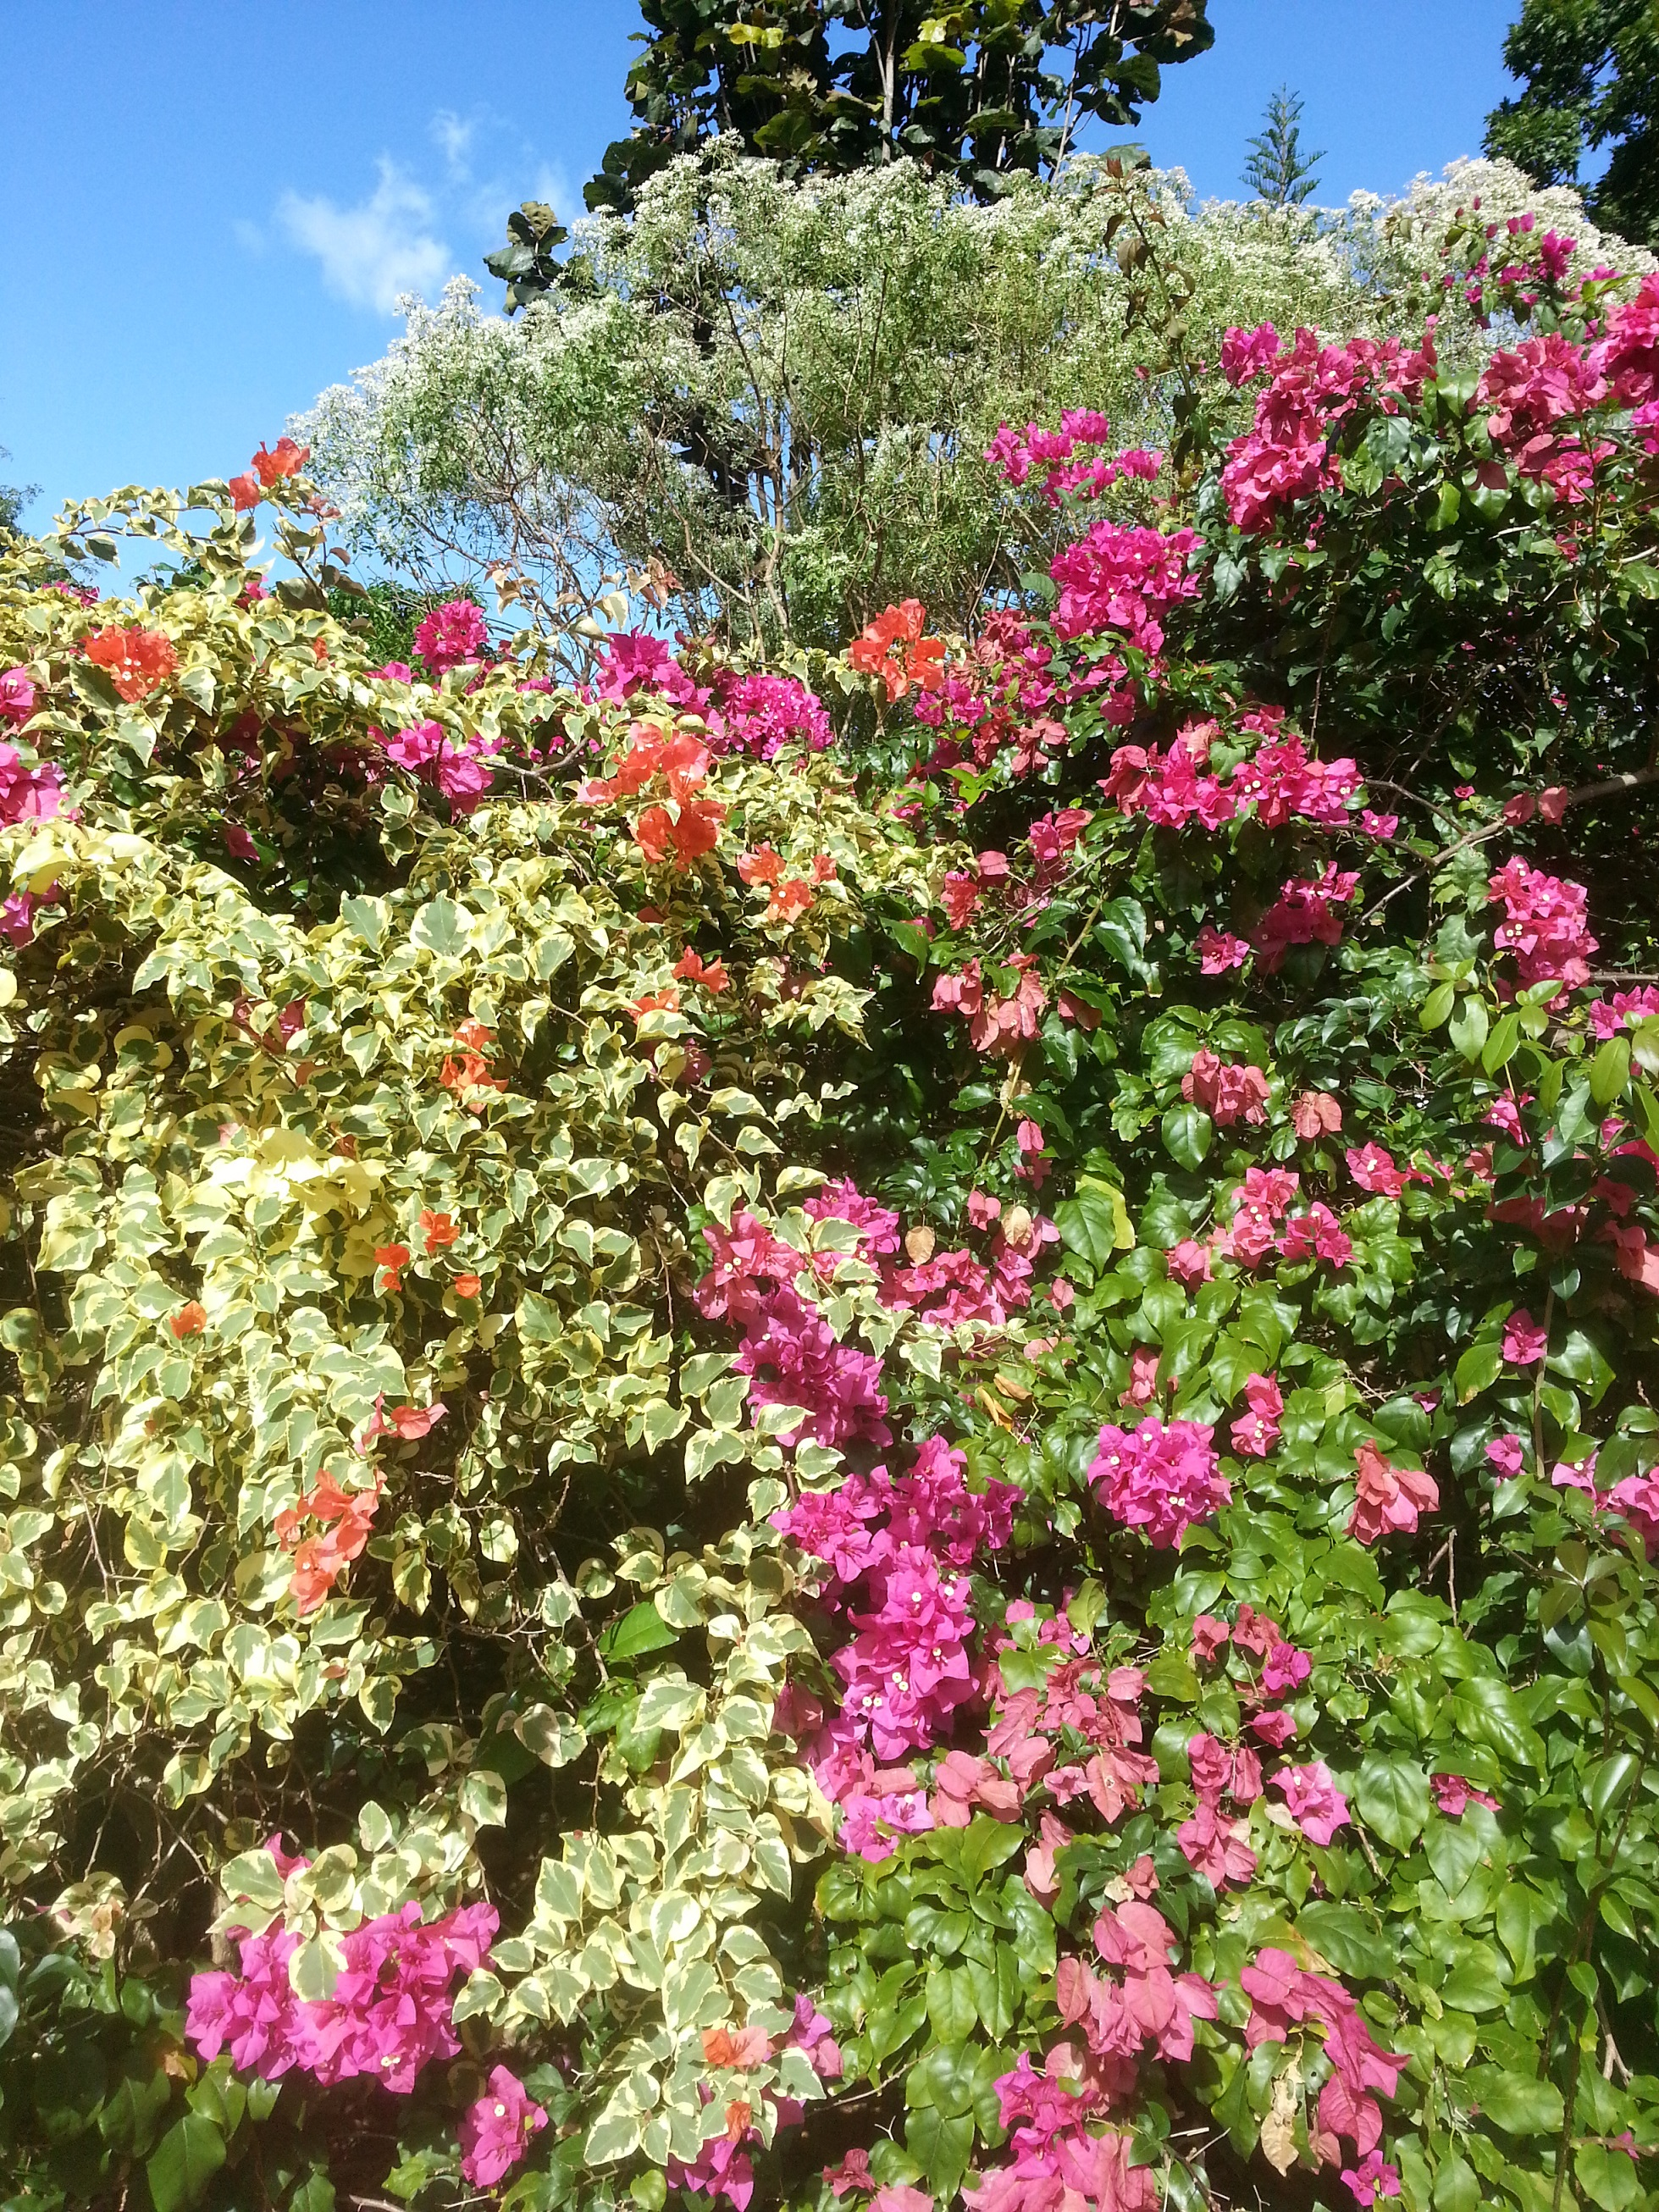 Le jardin Botanique de Deshaie ou jardin Coluche Loliluro en Gwada